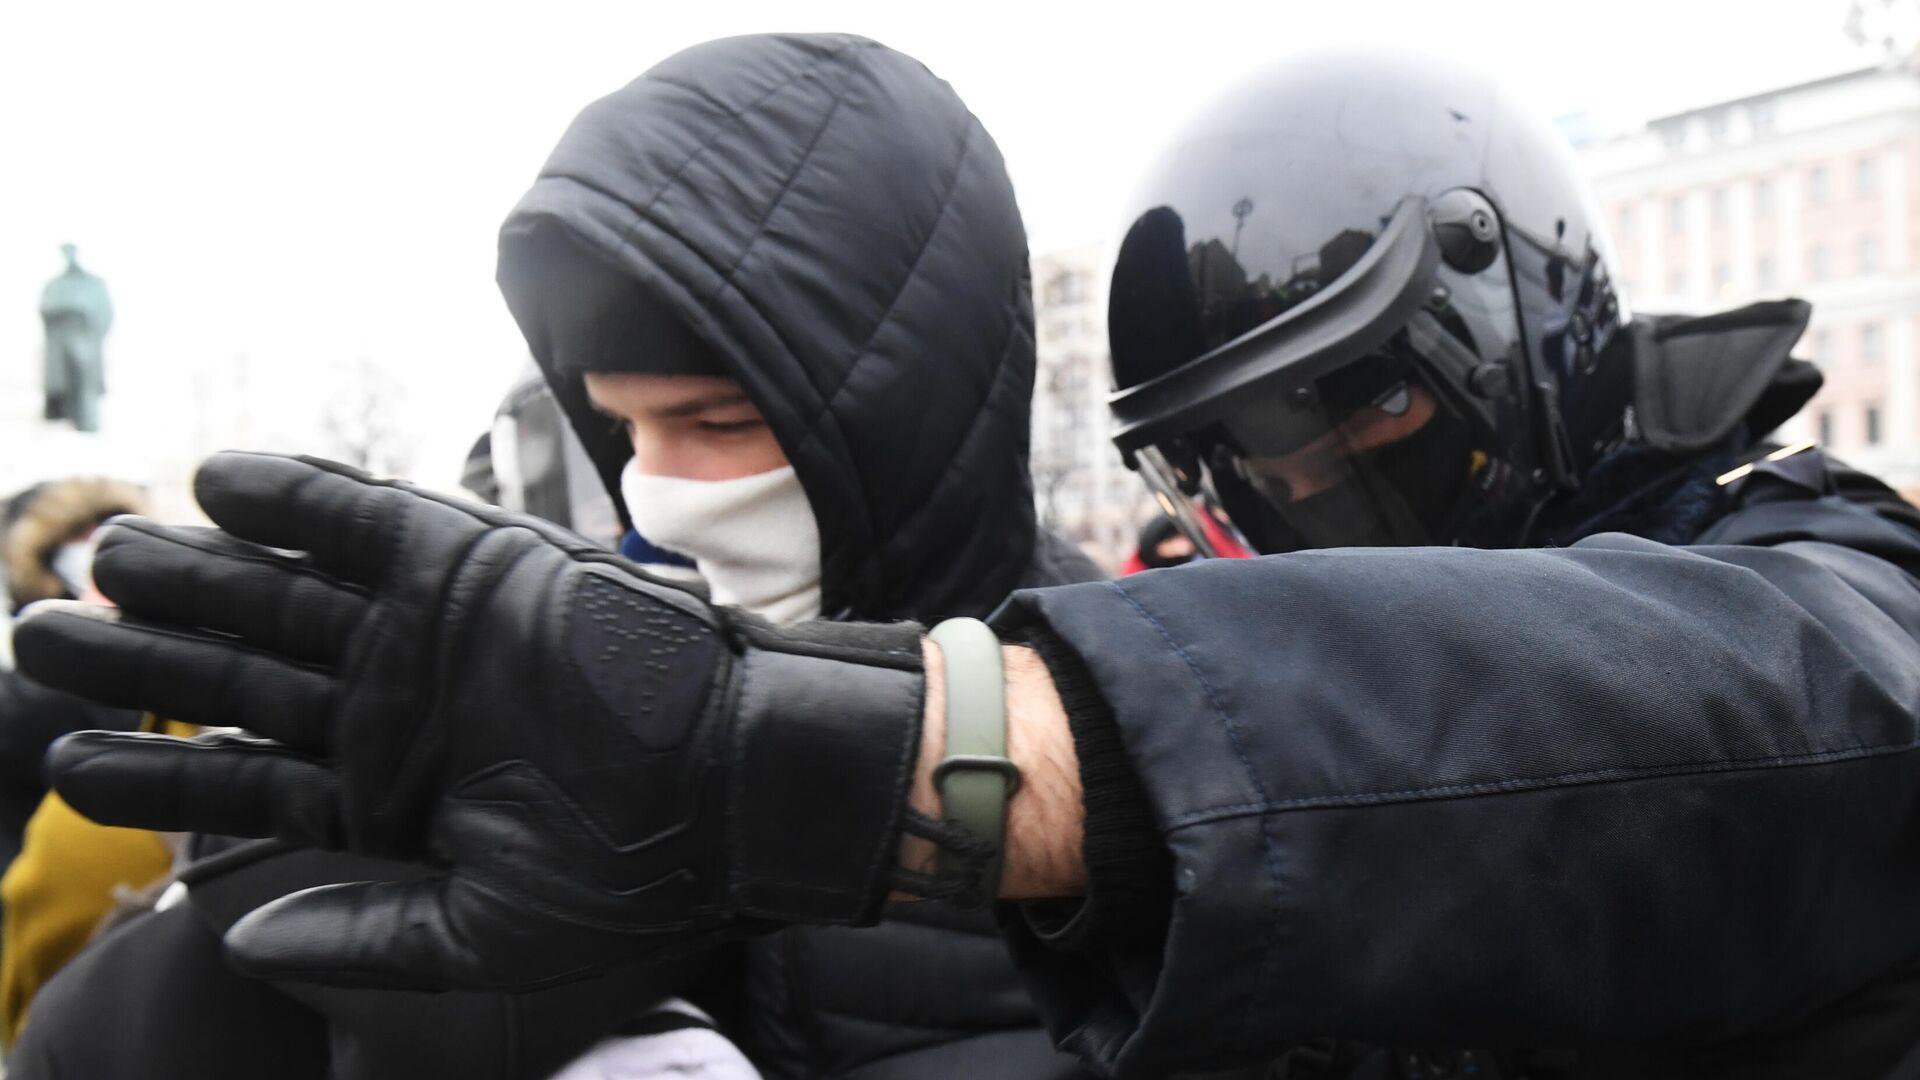 Сотрудник правоохранительных органов задерживает участника несанкционированной акции сторонников Алексея Навального в Москве - РИА Новости, 1920, 23.01.2021